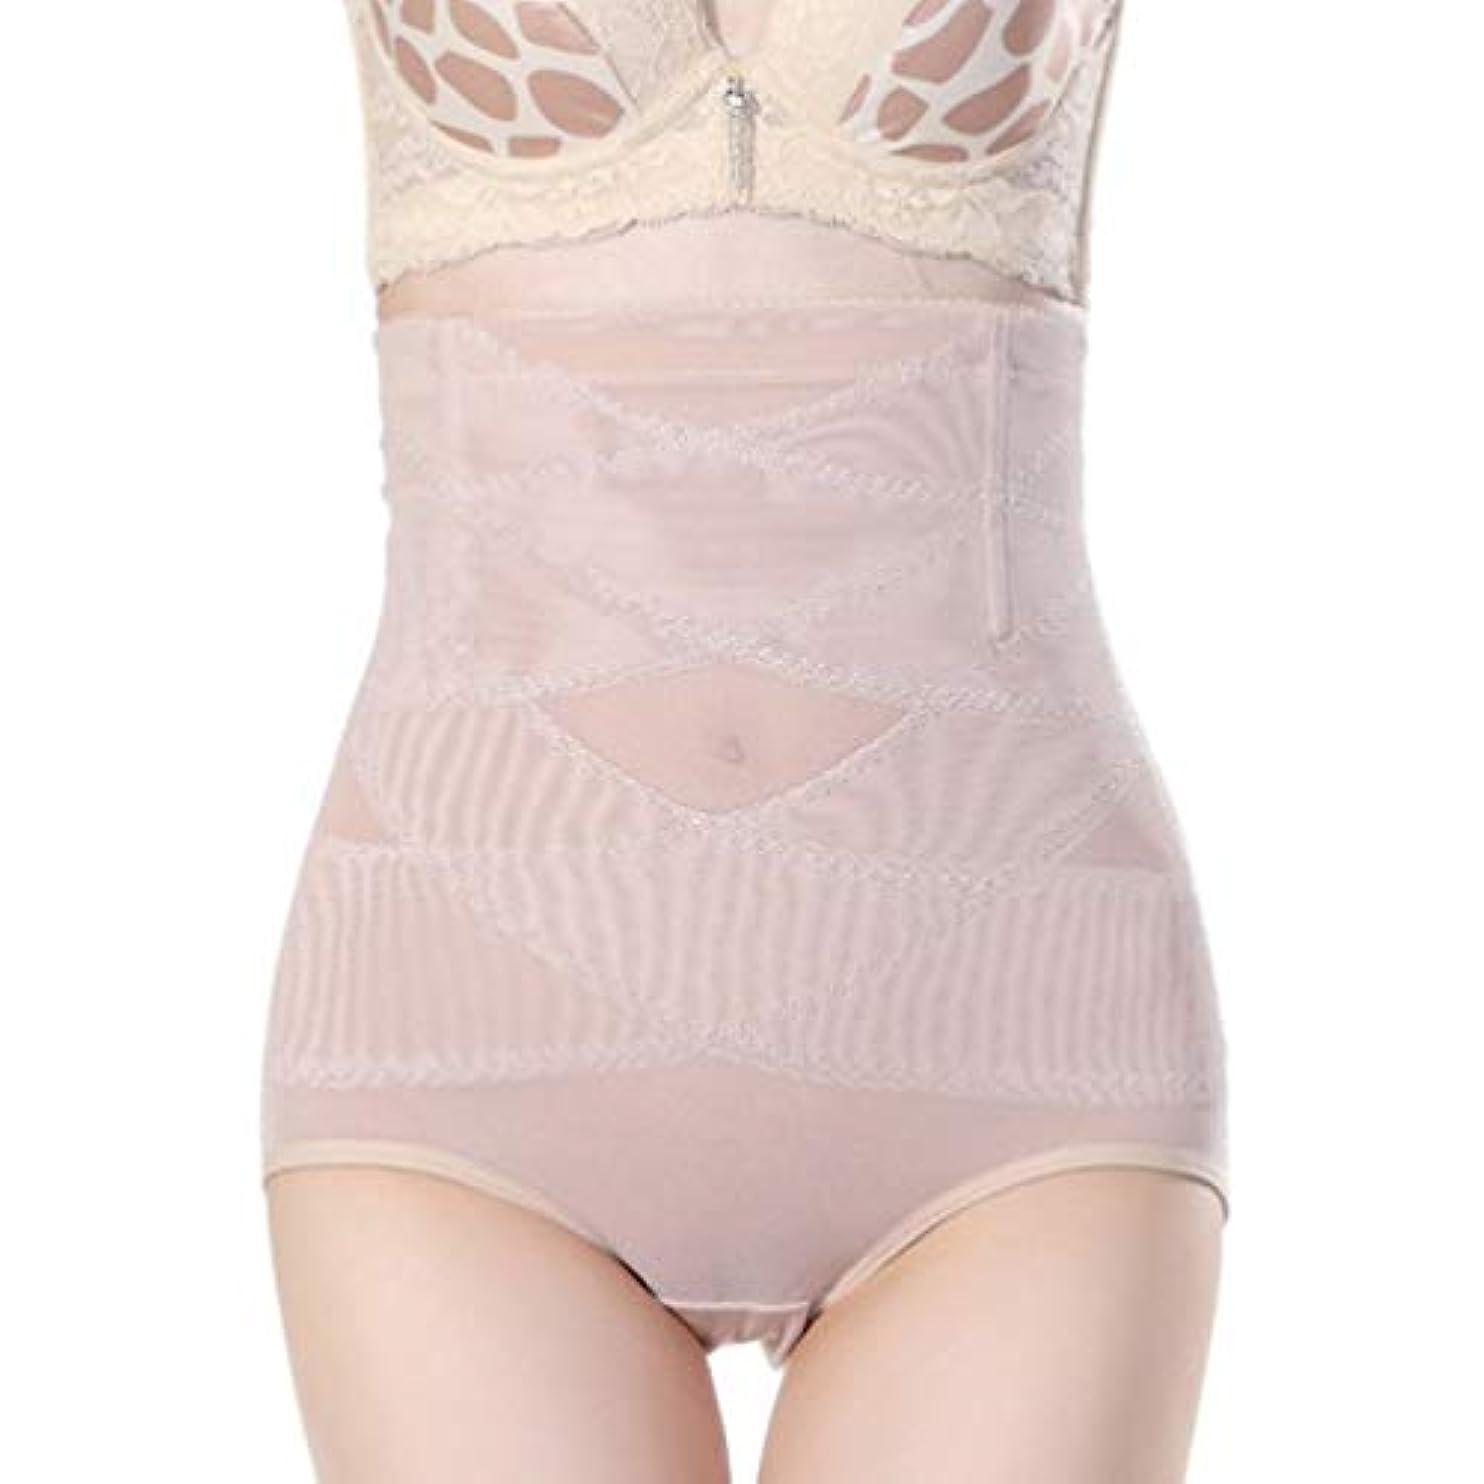 施し送料治す腹部制御下着シームレスおなかコントロールパンティーバットリフターボディシェイパーを痩身通気性のハイウエストの女性 - 肌色2 XL